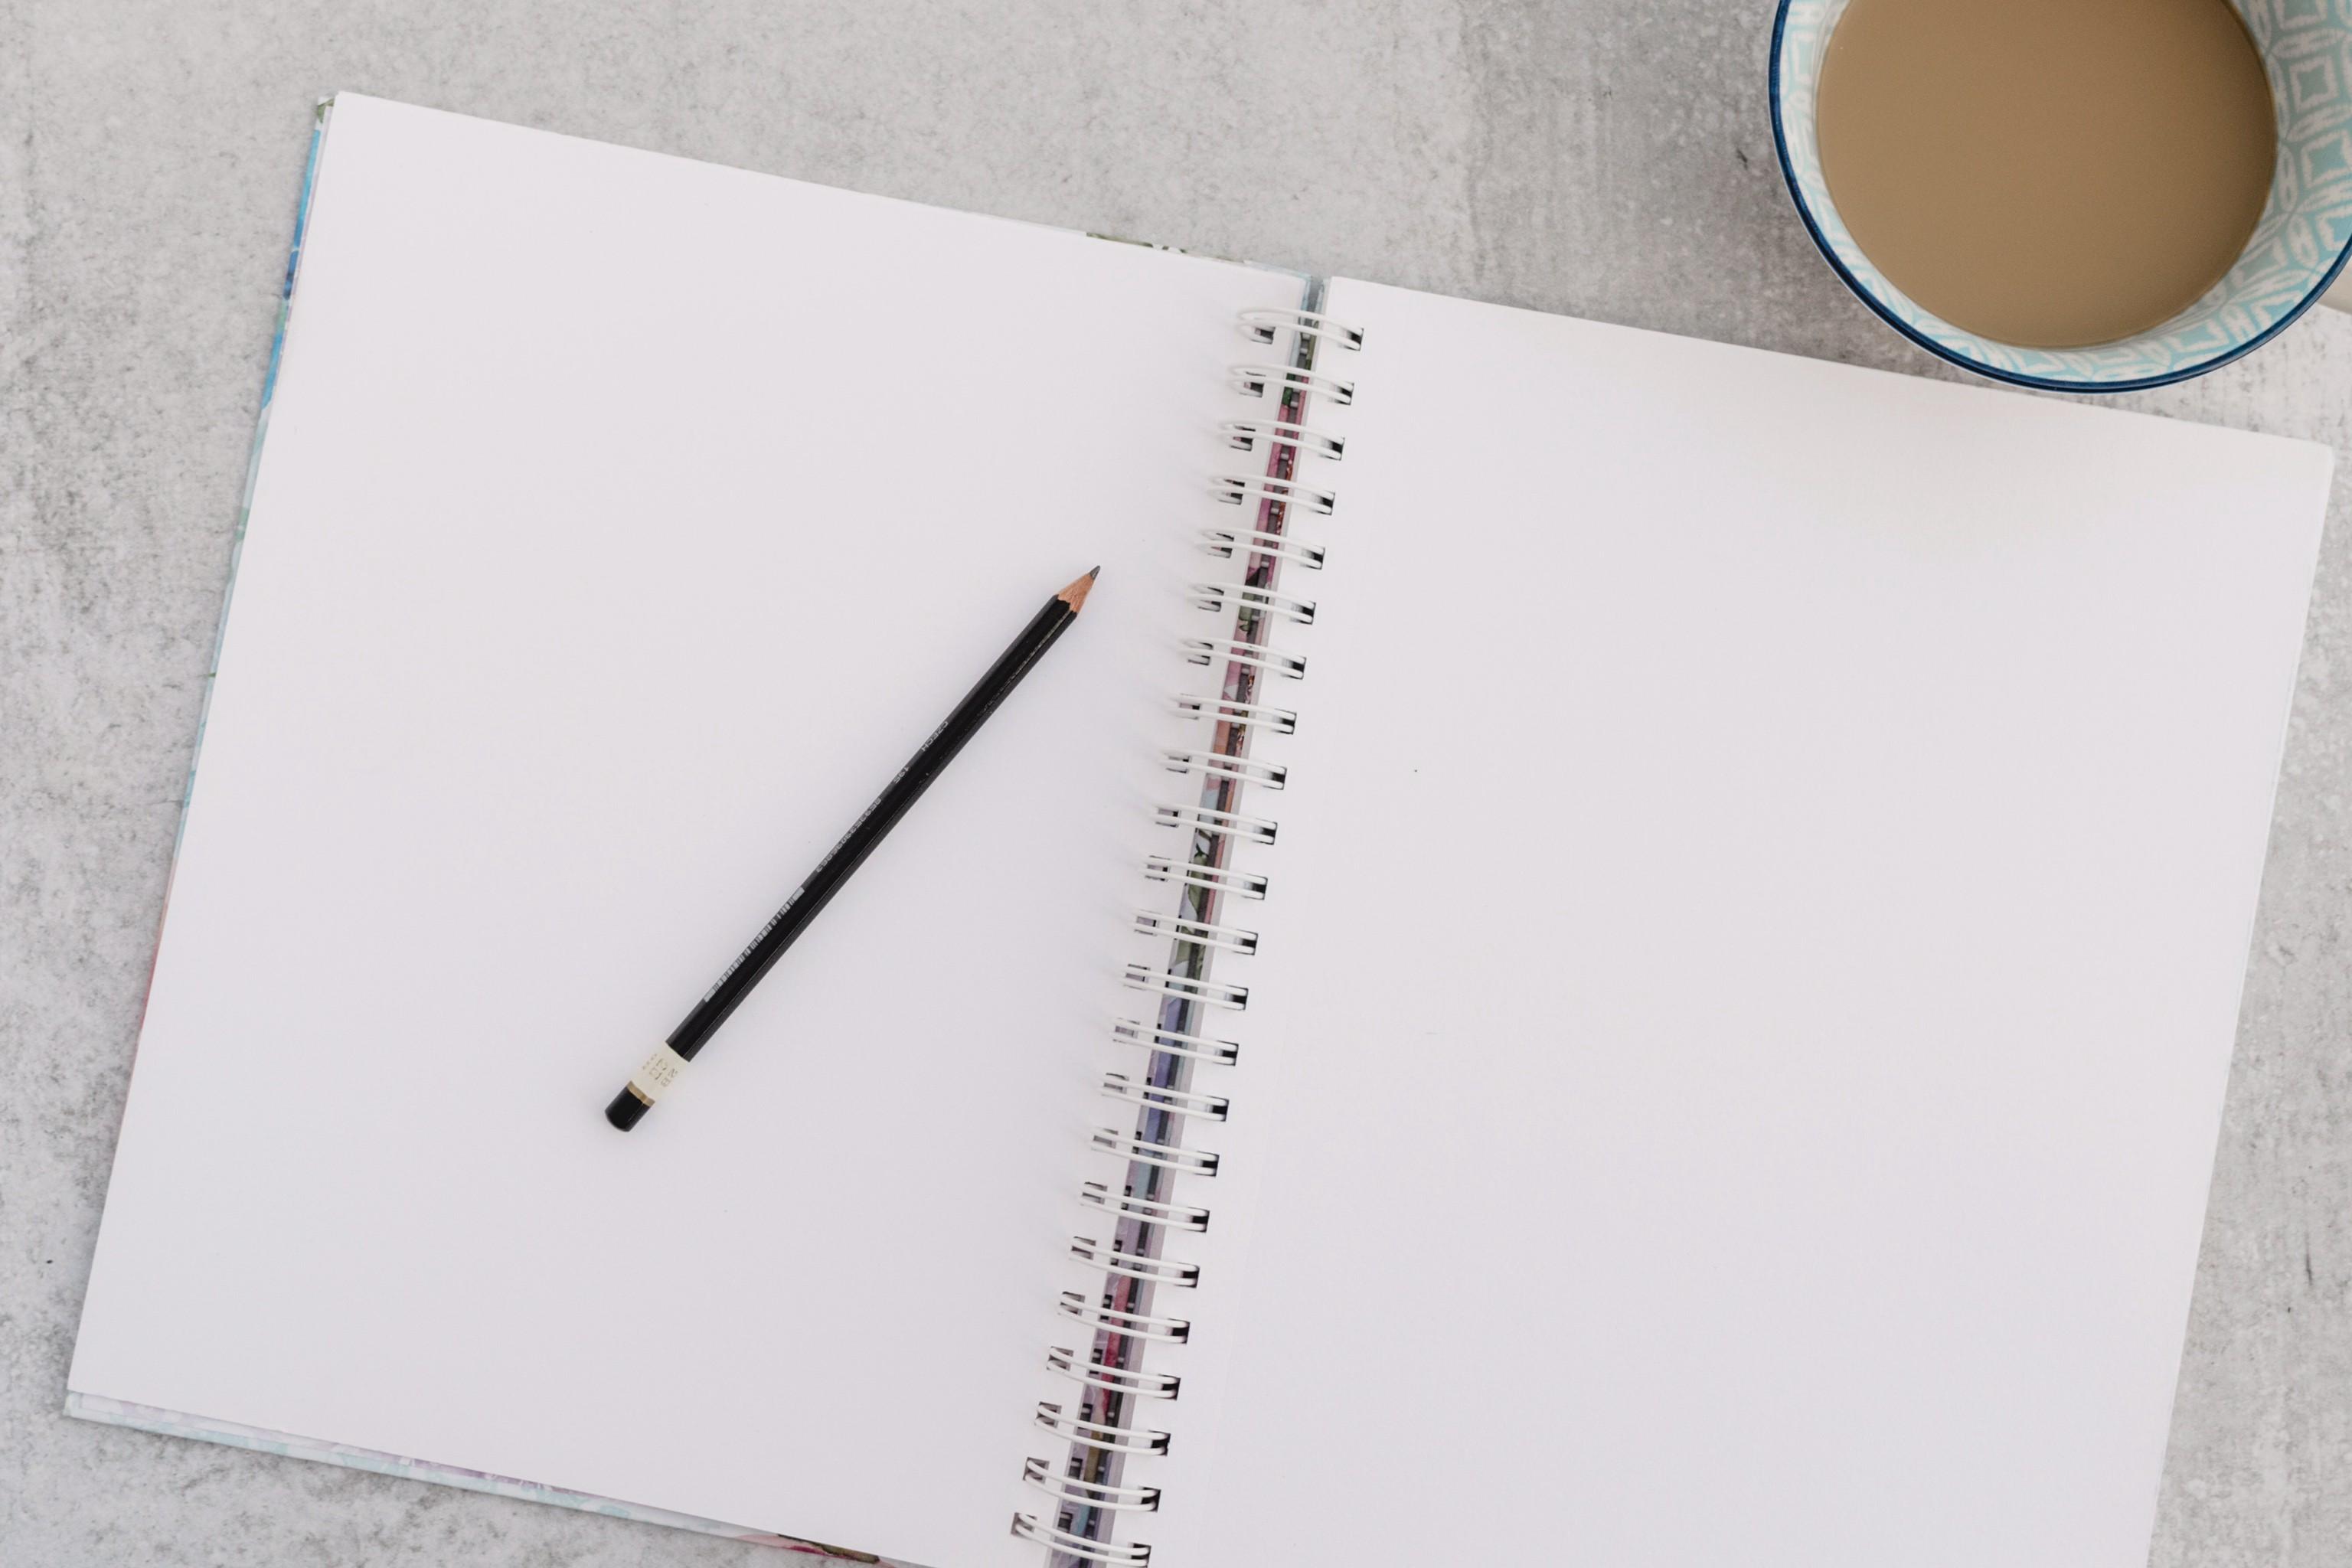 Le traumatisme de la page blanche : où trouver l'inspiration ?